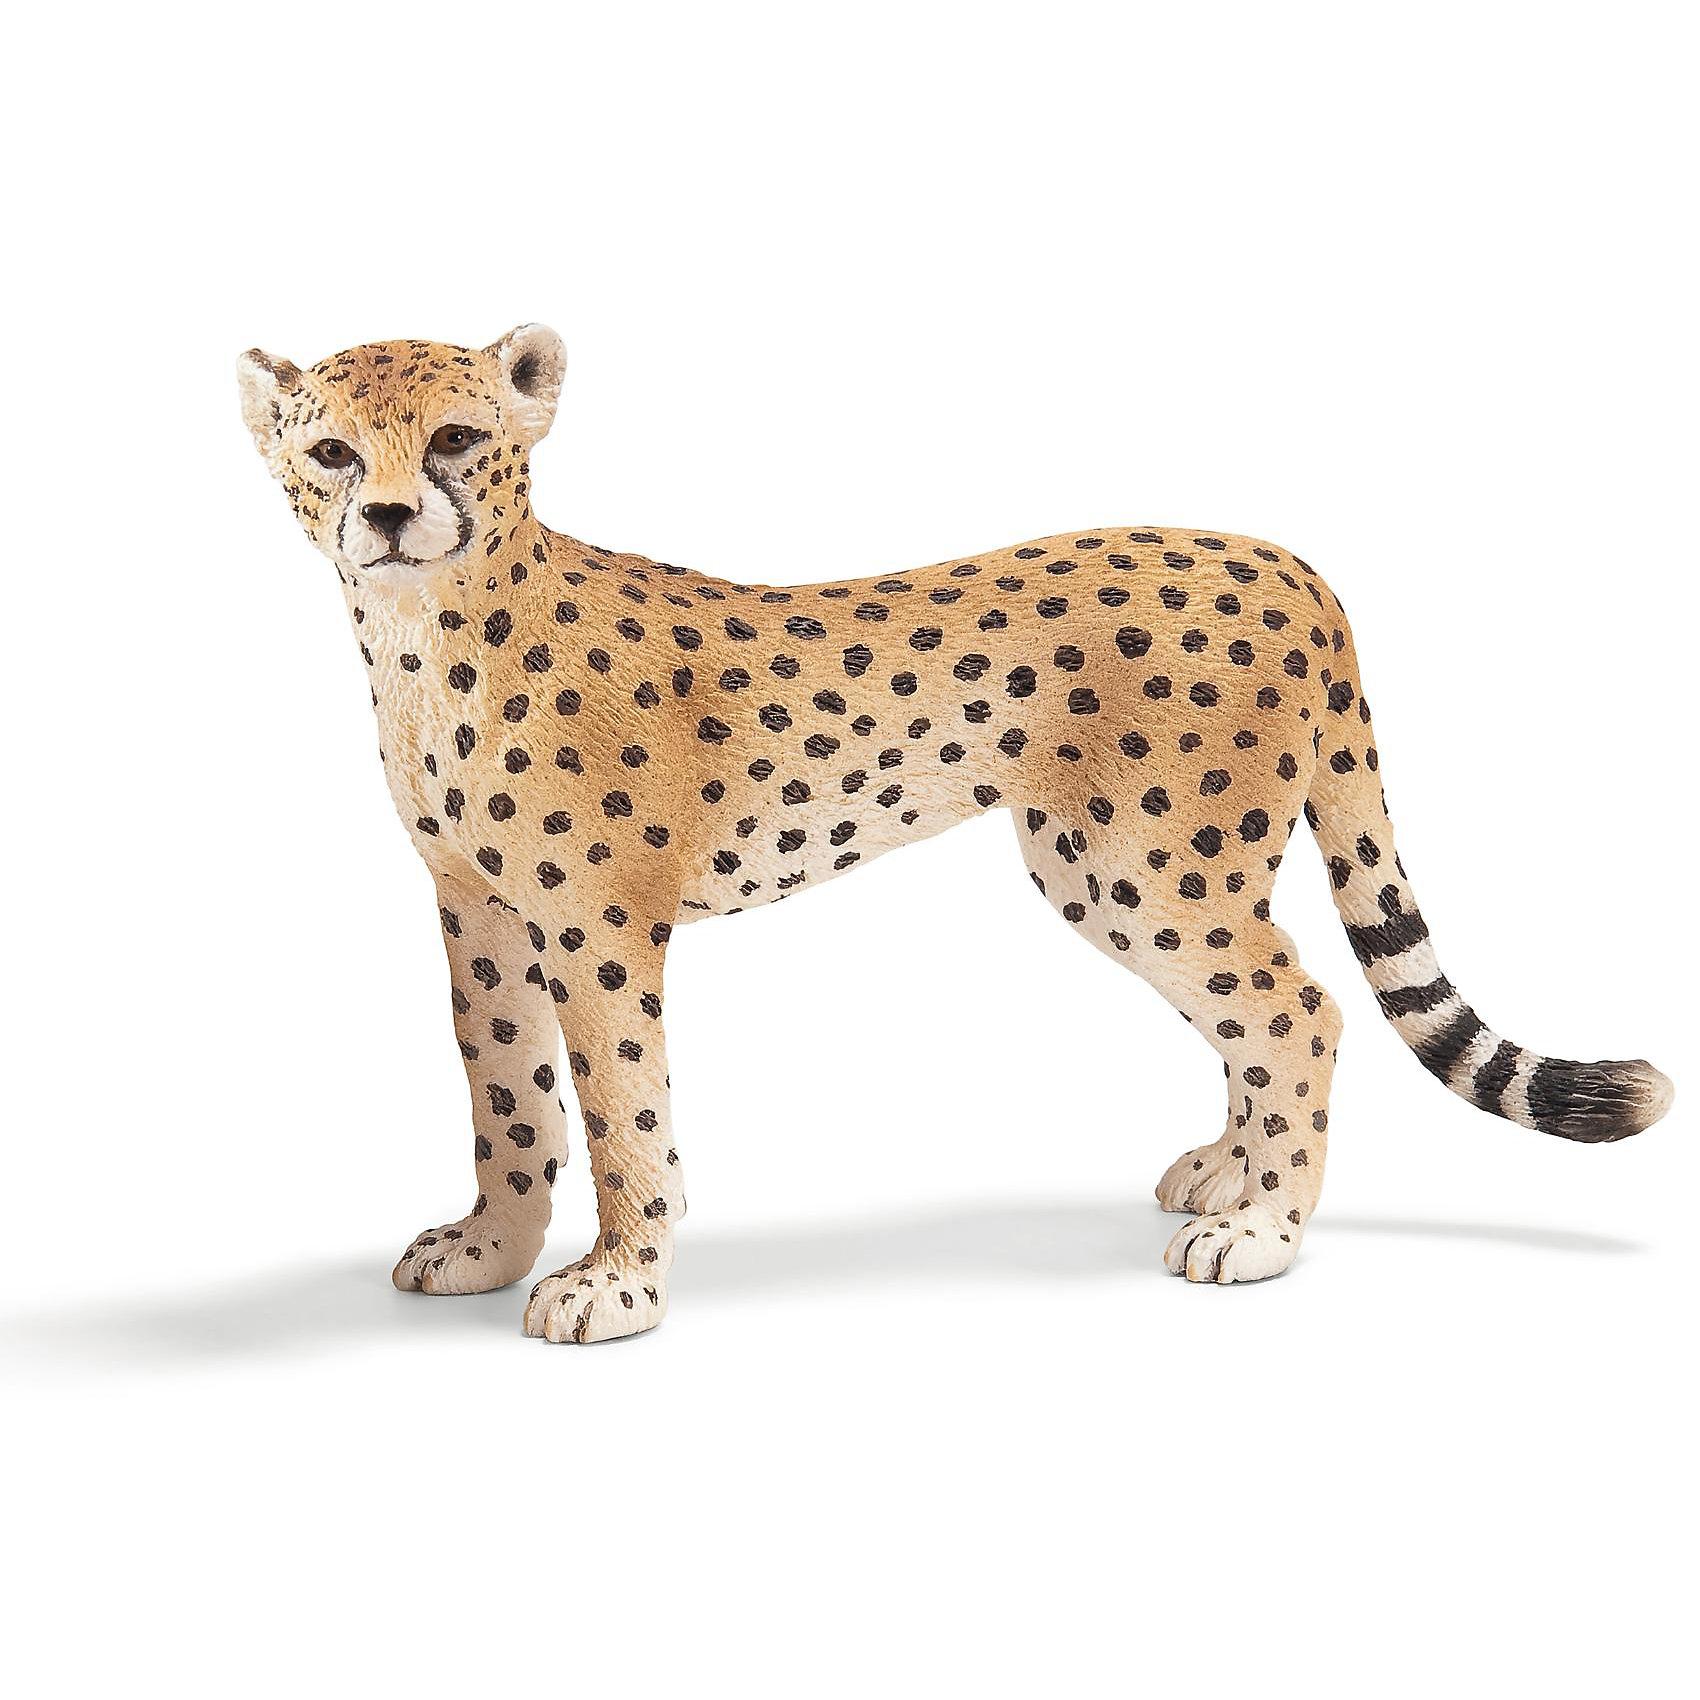 Самка гепарда, SchleichВсе фигурки выполнены из высококачественных материалов с максимальной точностью и раскрашены в ручную. Не вызывает аллергии.  <br><br>Великолепно выполненные и раскрашенные вручную животные, созданные при тесном сотрудничестве с Берлинским зоопарком, никого не оставят равнодушными. <br><br>В разработке каждой фигурки компания Schleich (Шляйх) опирается на исследования в области педагогики, создавая маленькие произведения для маленьких ручек.<br><br>Дополнительная информация:<br><br>Материал: каучуковый пластик<br>Размеры: 9,8 x 3,3 x 6,5 см<br><br>Самку гепарда, Schleich (Шляйх) можно купить в нашем магазине.<br><br>Ширина мм: 107<br>Глубина мм: 86<br>Высота мм: 27<br>Вес г: 32<br>Возраст от месяцев: 36<br>Возраст до месяцев: 96<br>Пол: Унисекс<br>Возраст: Детский<br>SKU: 1978649